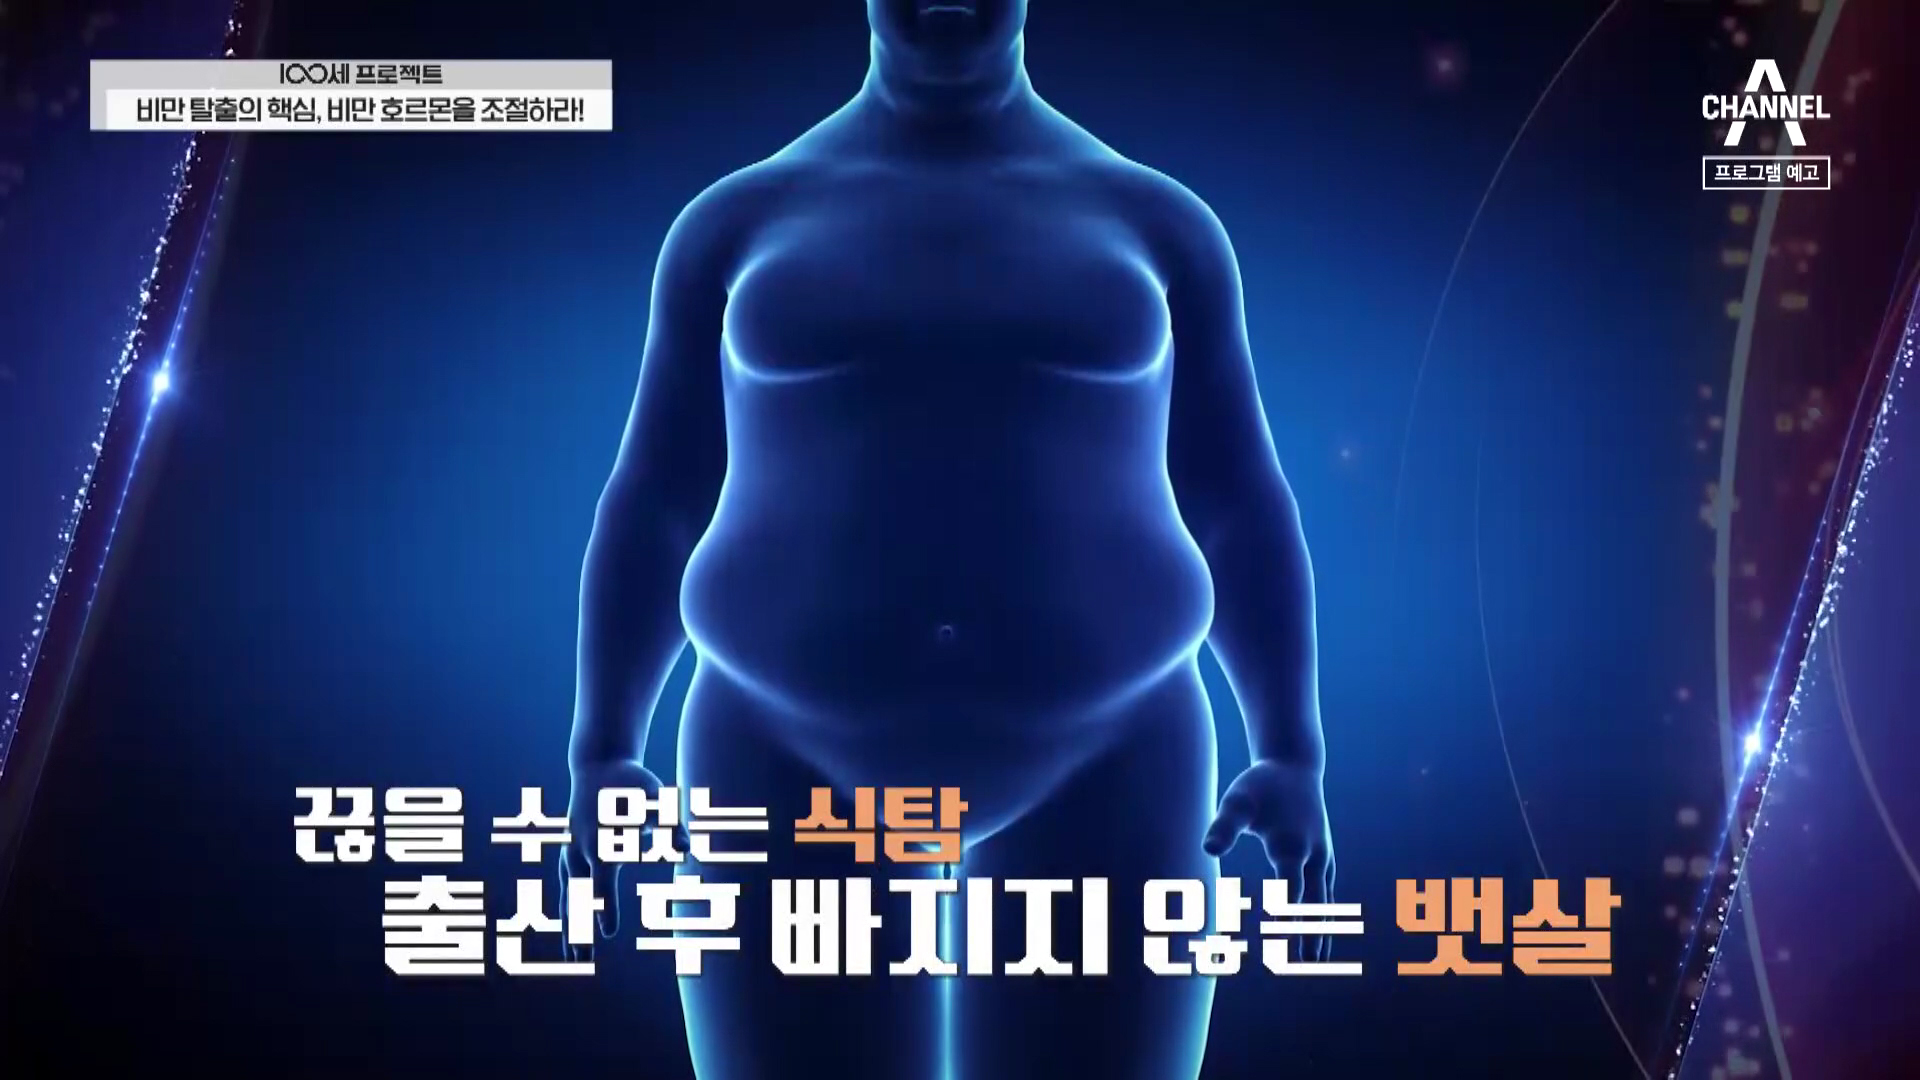 [예고] 비만 호르몬이 균형이 맞을 때 체중 감량 시작된다!? 이미지